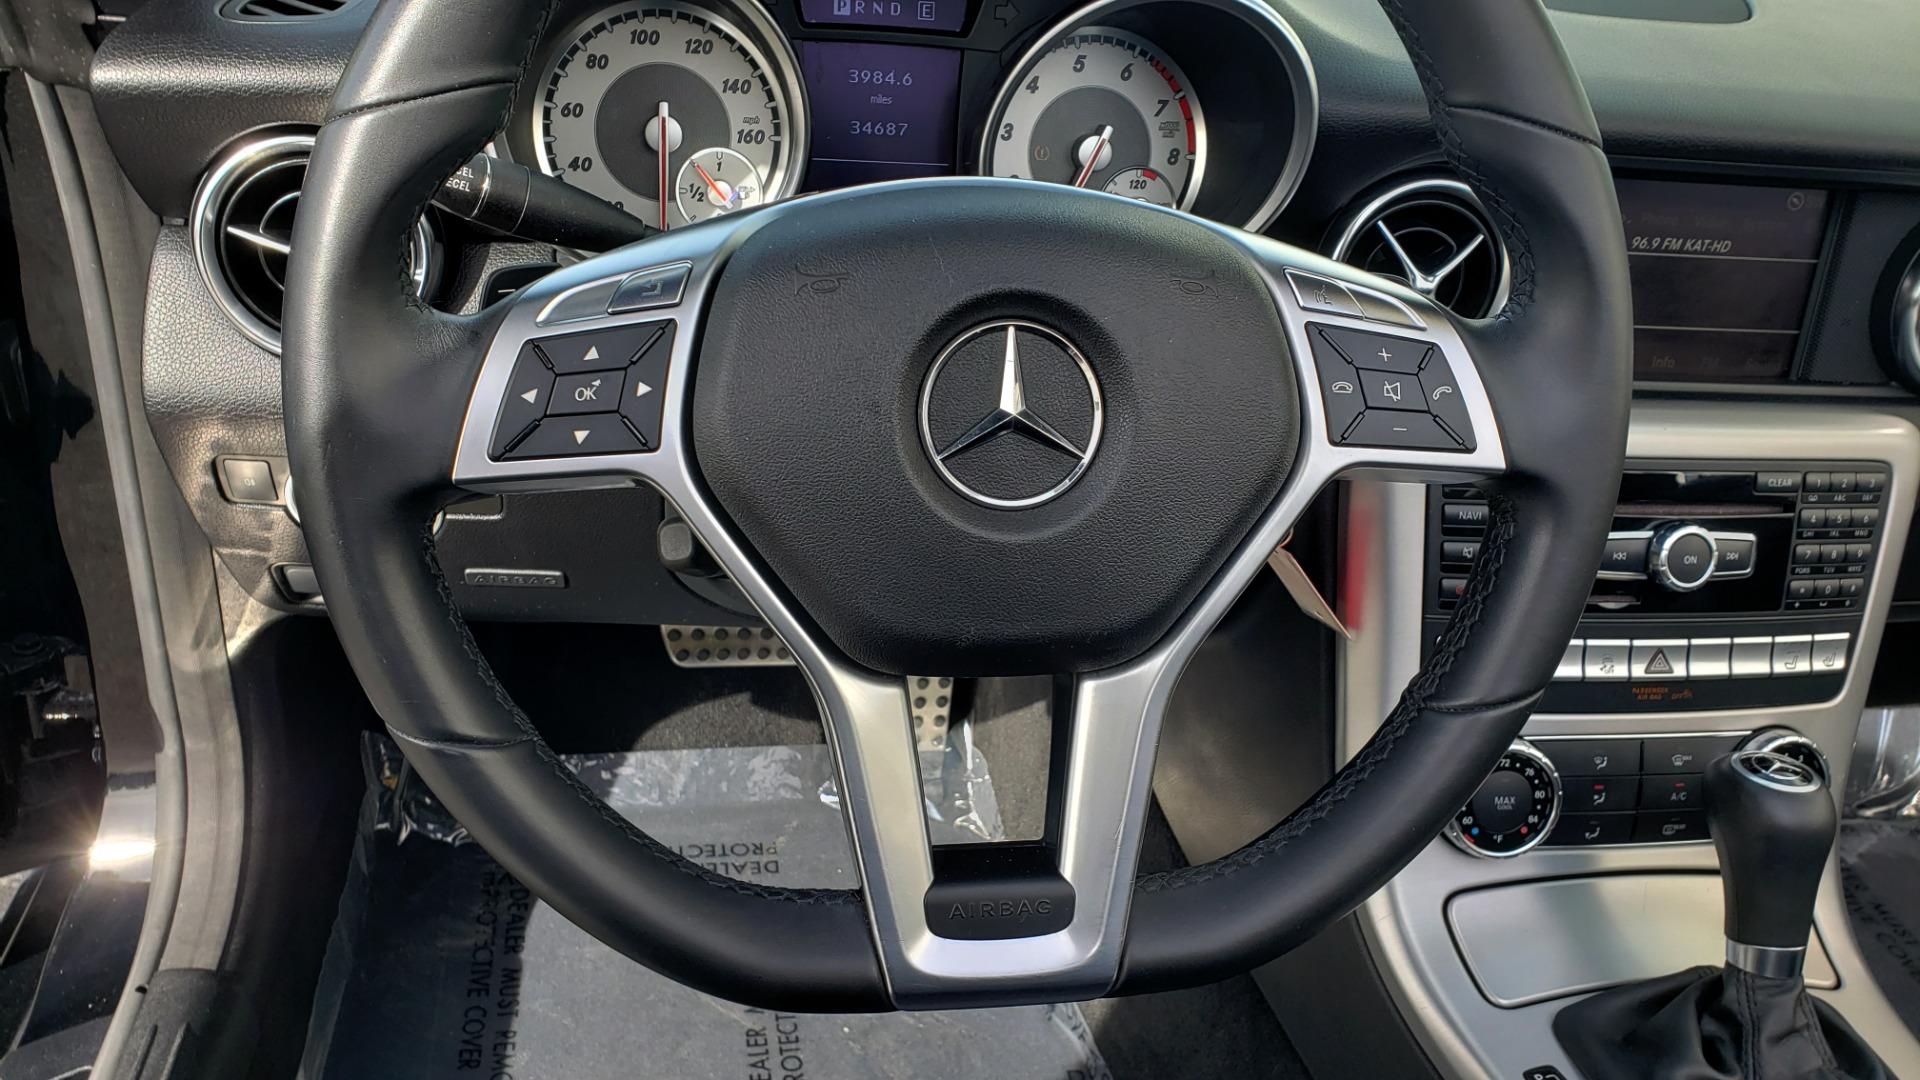 Used 2012 Mercedes-Benz SLK-CLASS SLK 250 ROADSTER / PREM 1 PKG / COMAND LAUNCH PKG / 7-SPD AUTO for sale $24,995 at Formula Imports in Charlotte NC 28227 18